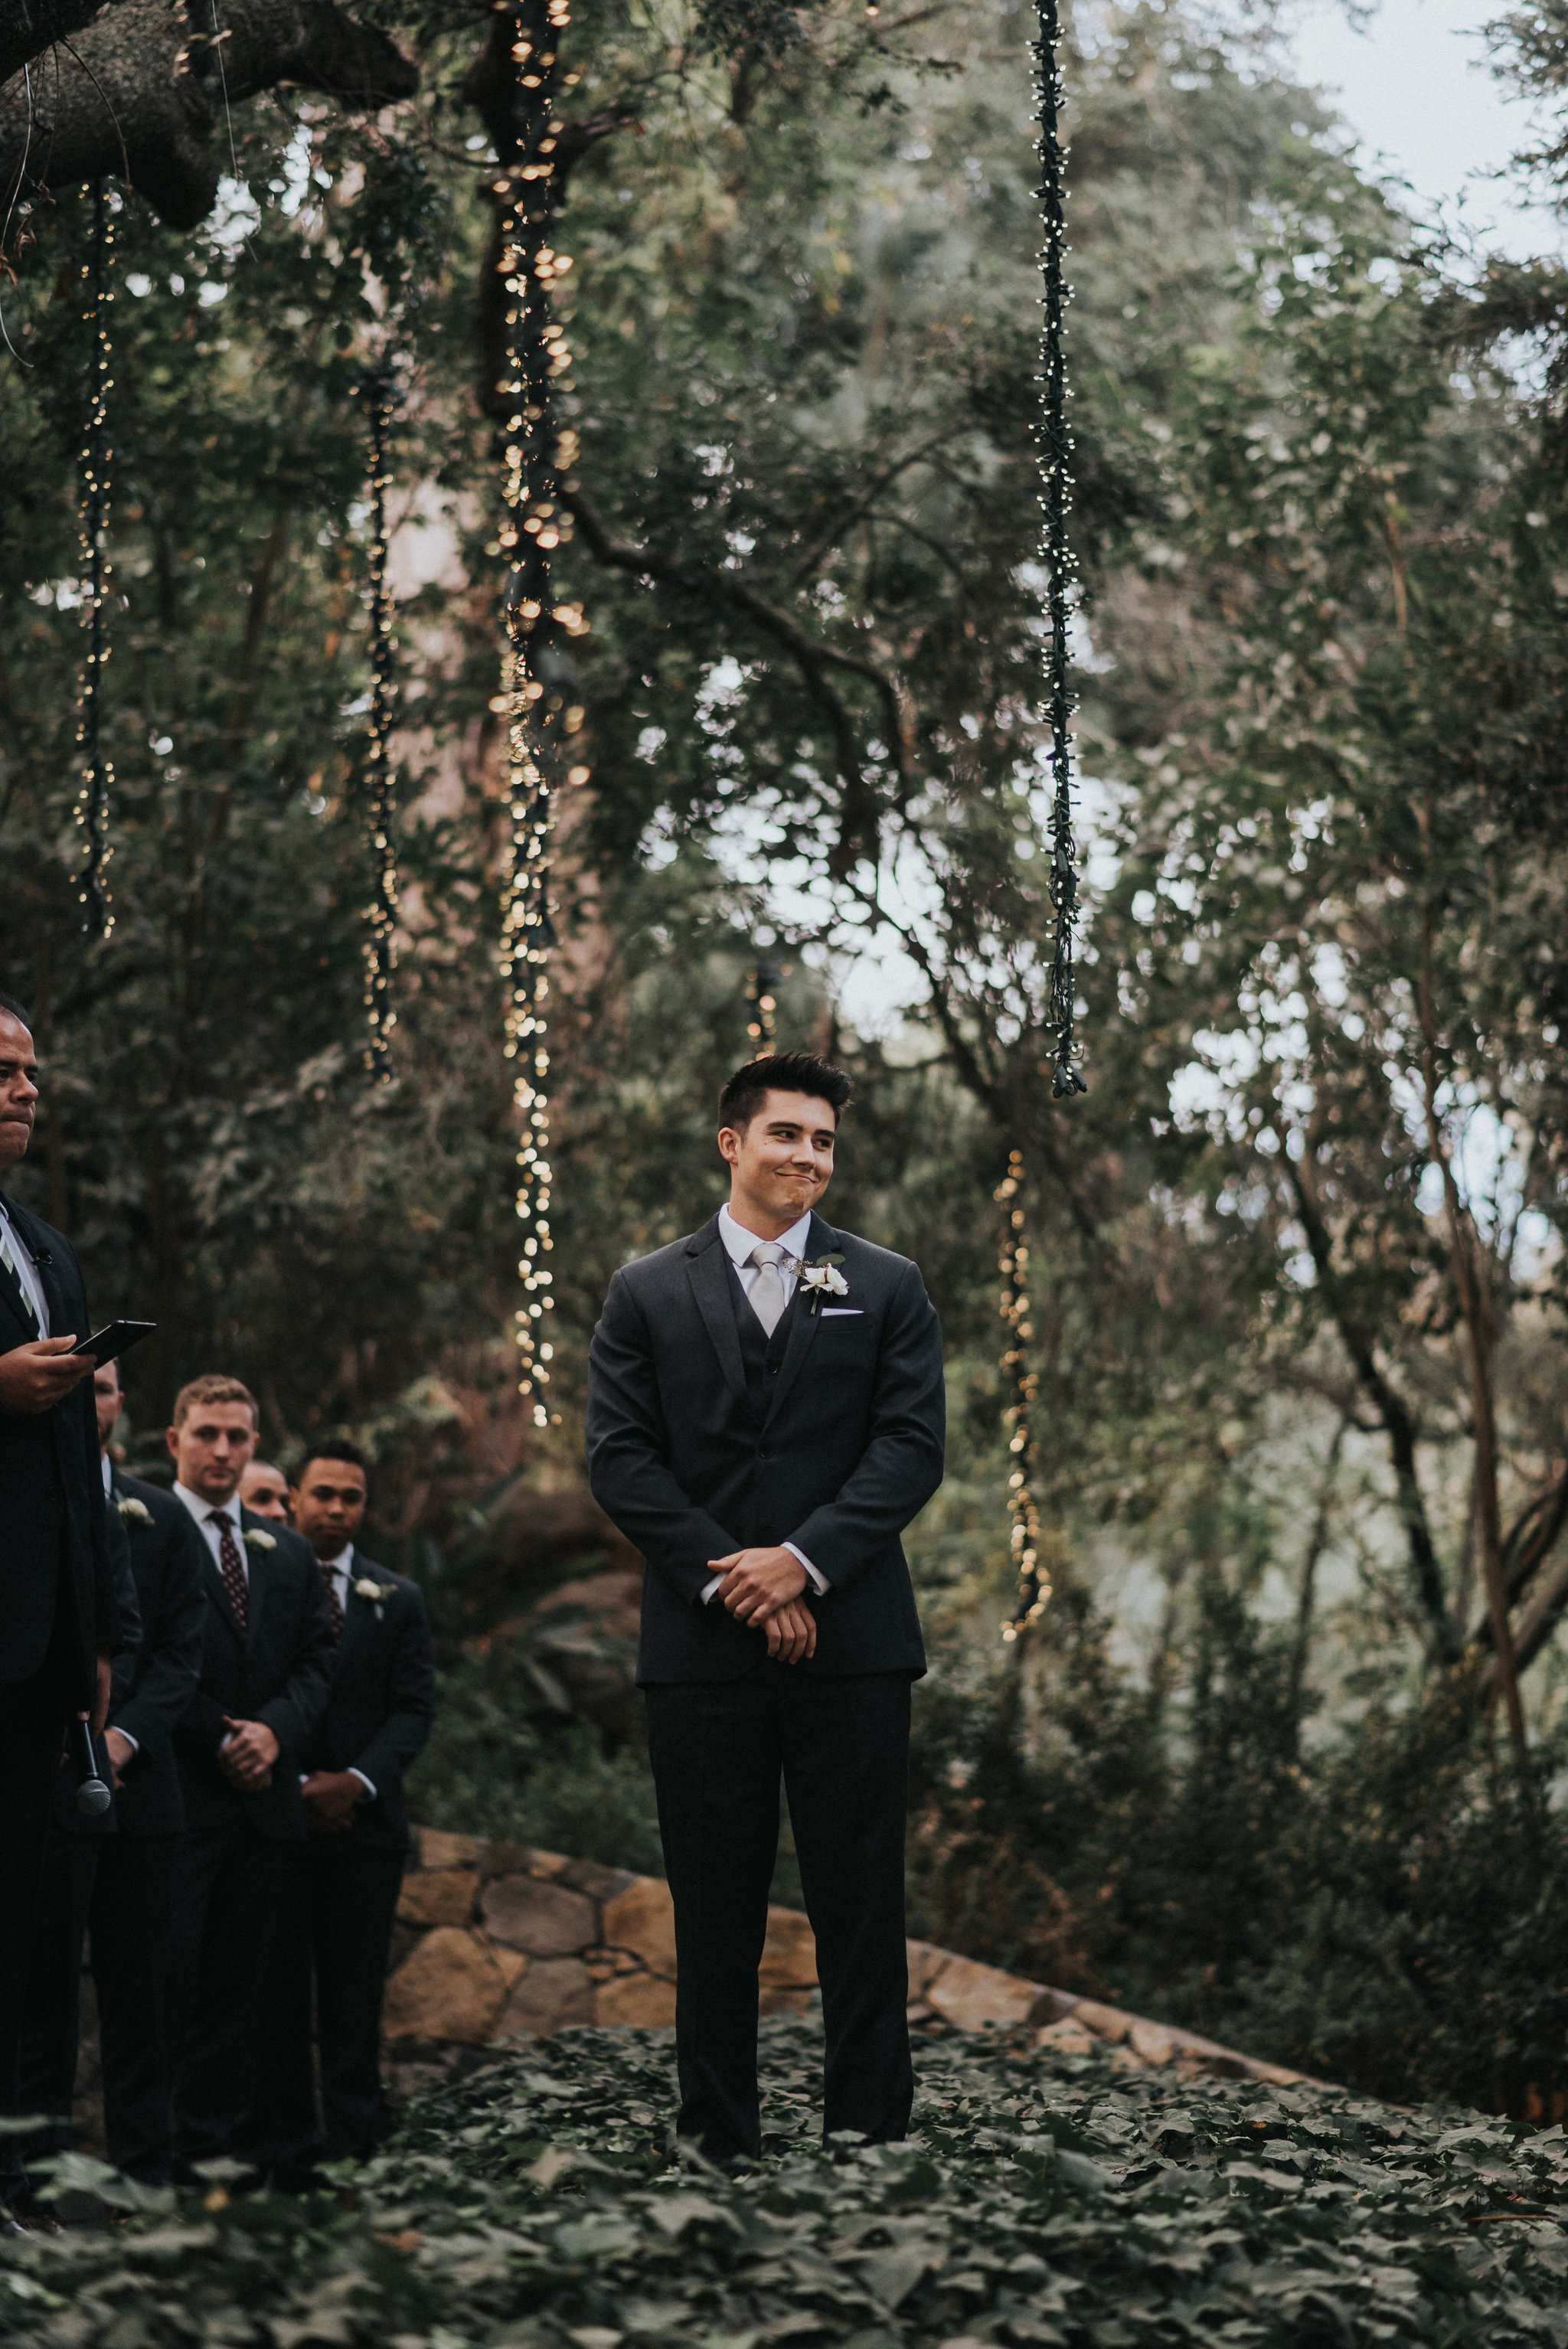 Calimigos Ranch Wedding58.jpg